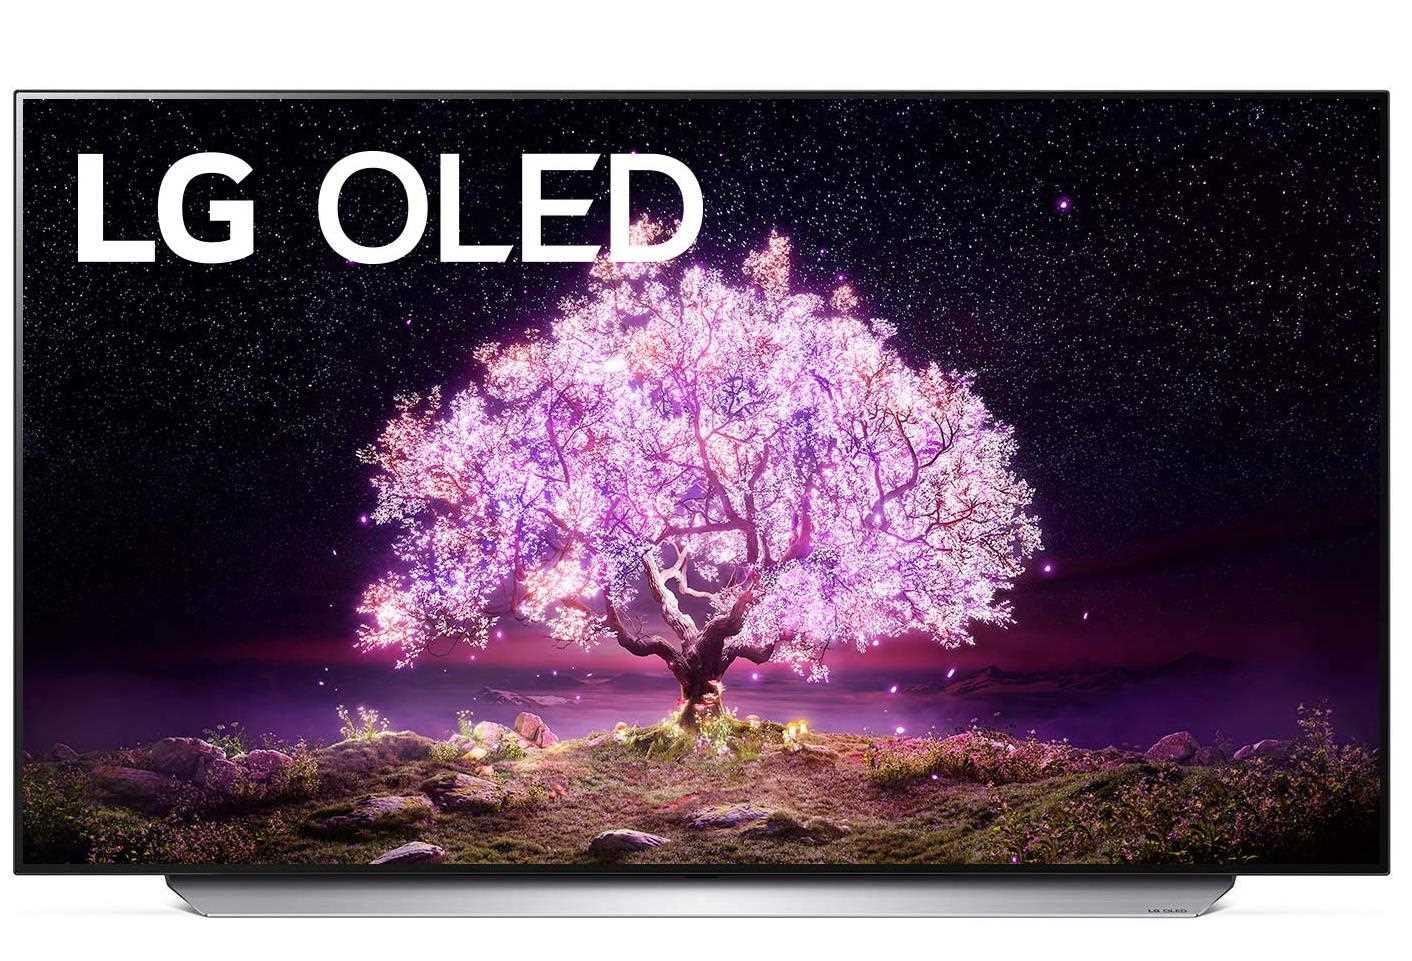 טלוויזיה 77 אינץ' דגם OLED 77C1PVA  בטכנולוגיית LG 4K Ultra HD אל ג'י - תמונה 1